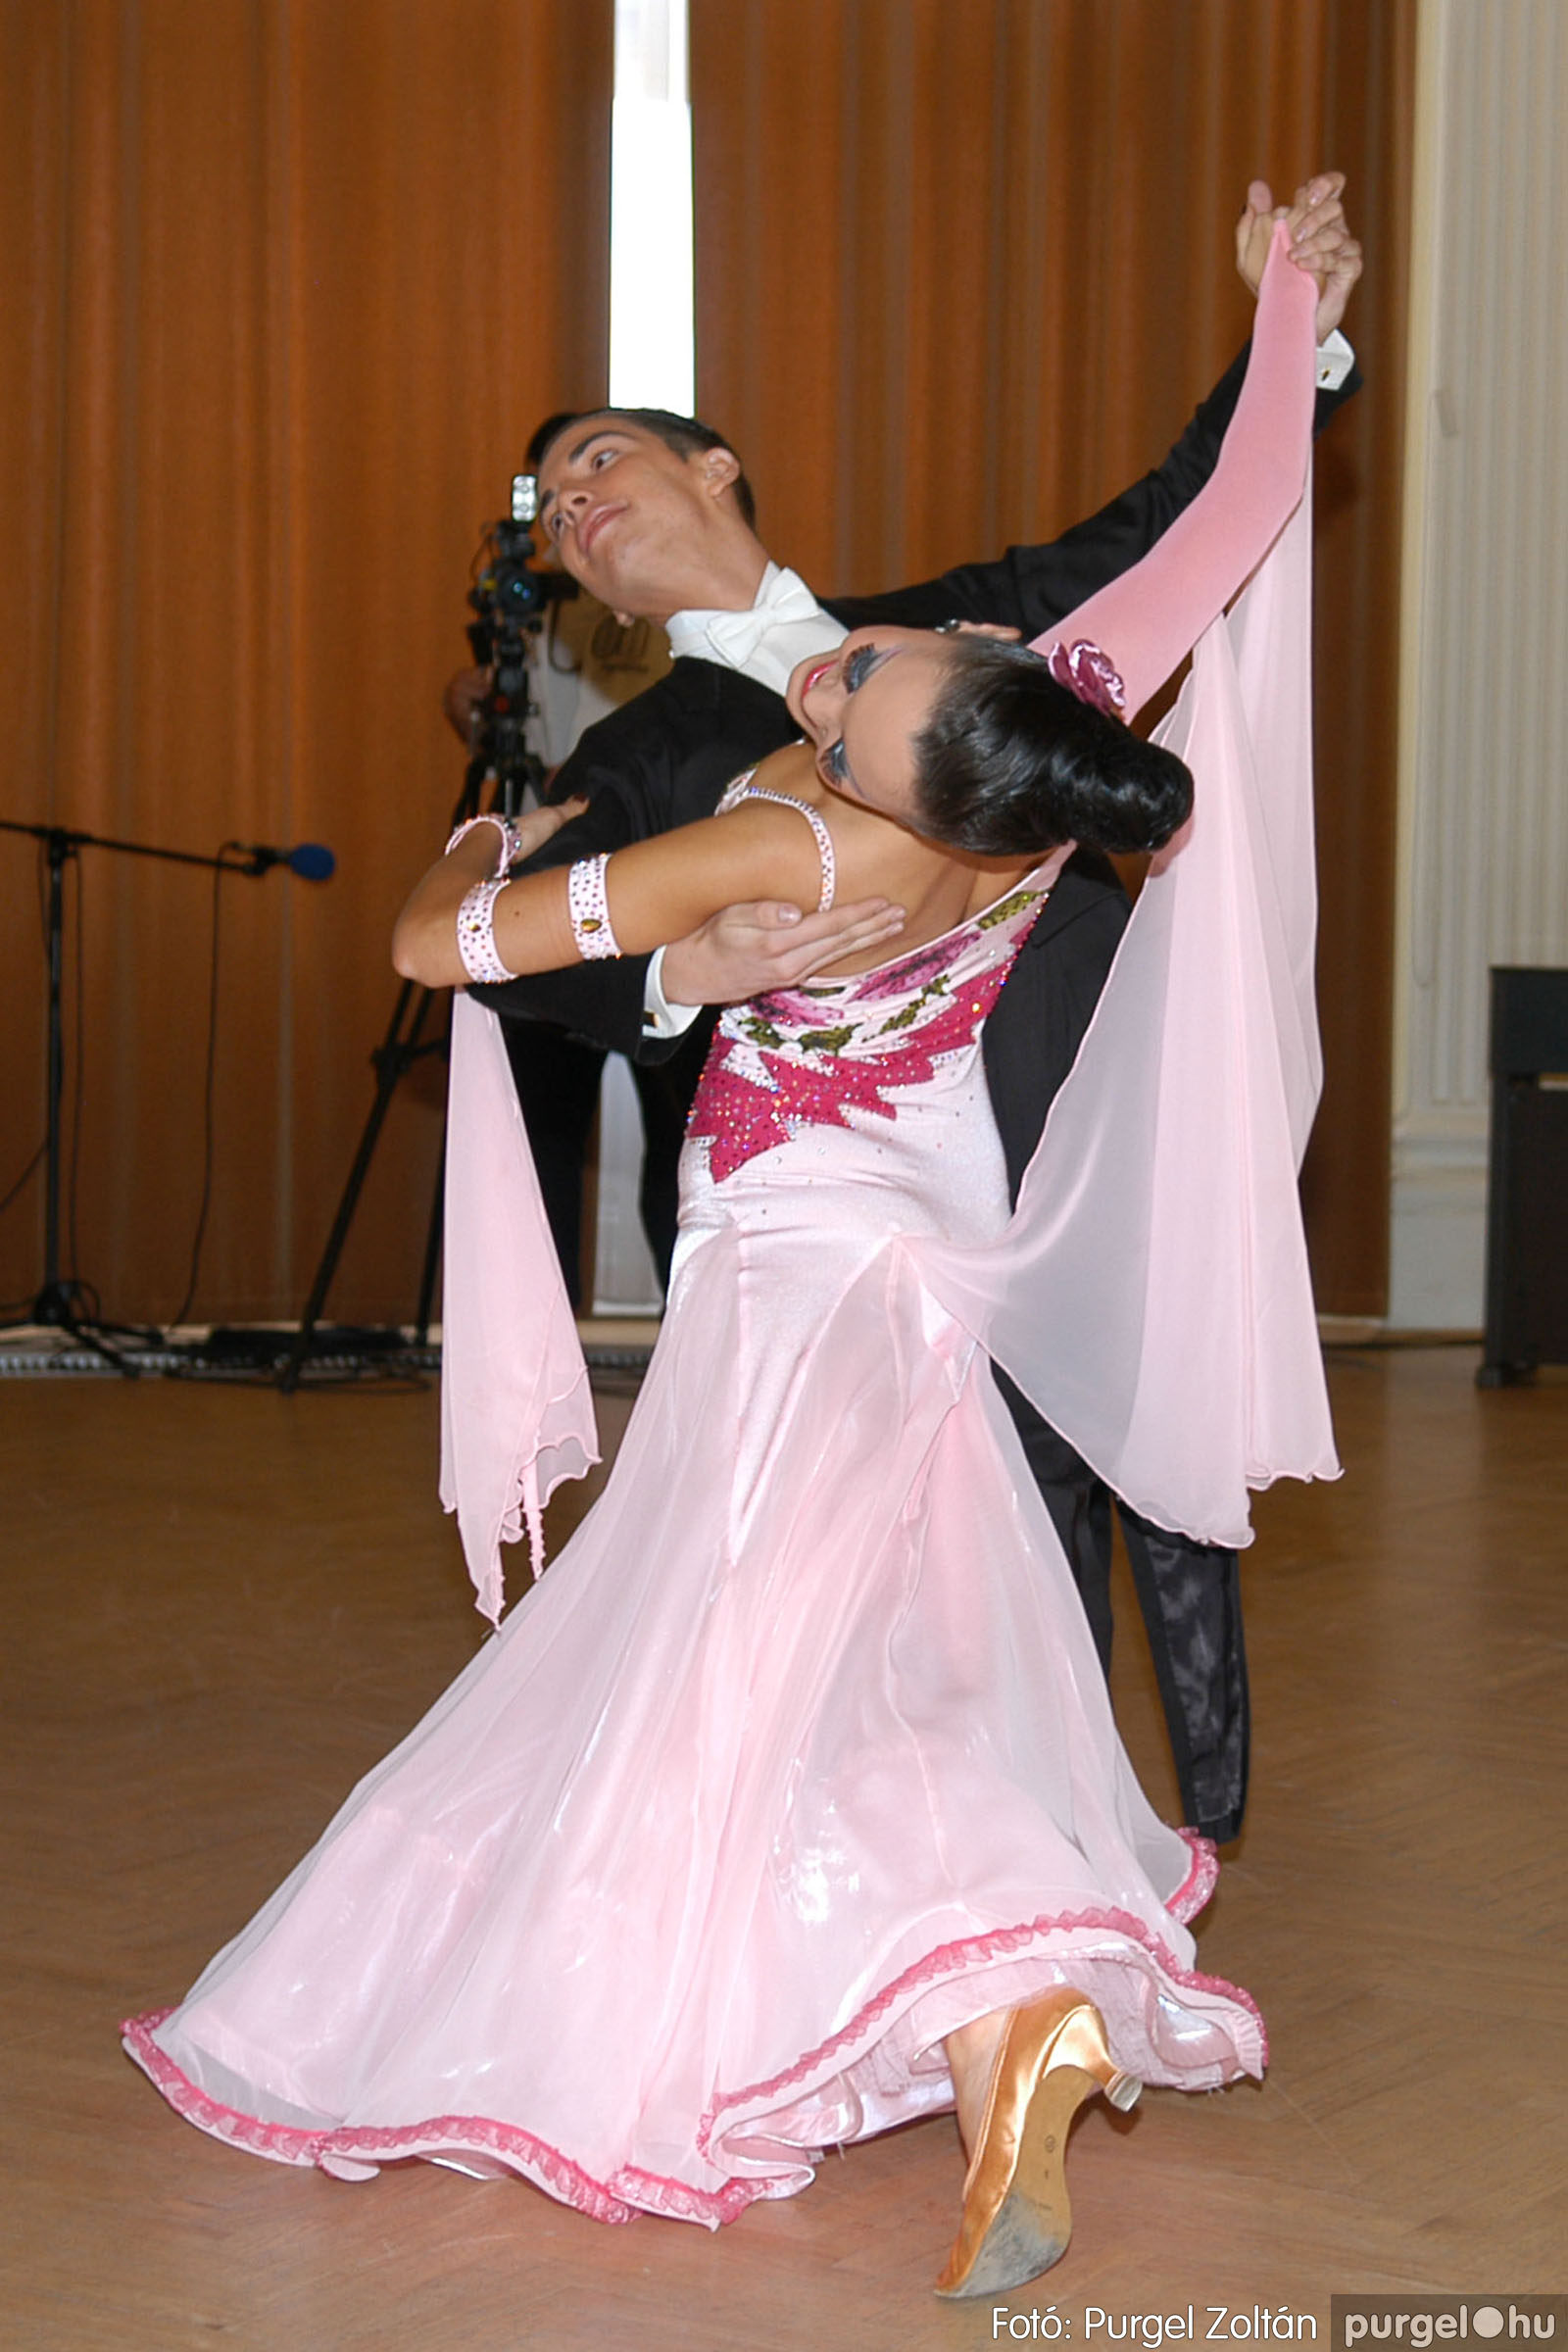 2010.10.28. 115 Szegvár és Vidéke Takarékszövetkezet takarékossági világnap rendezvény - Fotó:P. Z..jpg